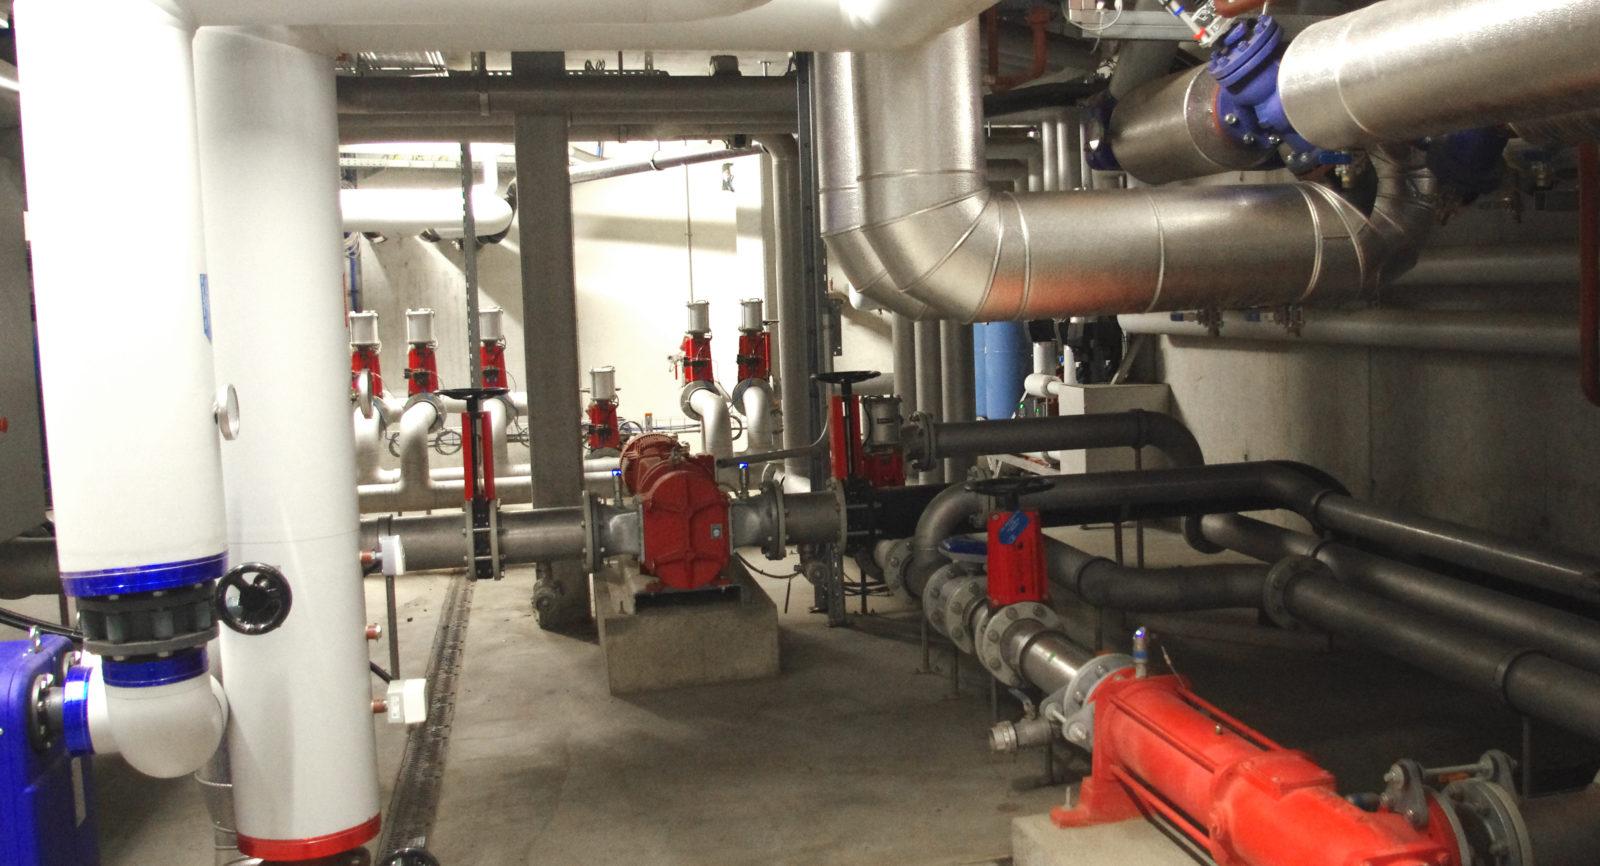 Die verschiedenen festen und flüssigen Substrate gelangen in Rohren zu den Fermentern. Mit dabei auch Wärme, die für den Nassvergärungsprozess benötigt wird.